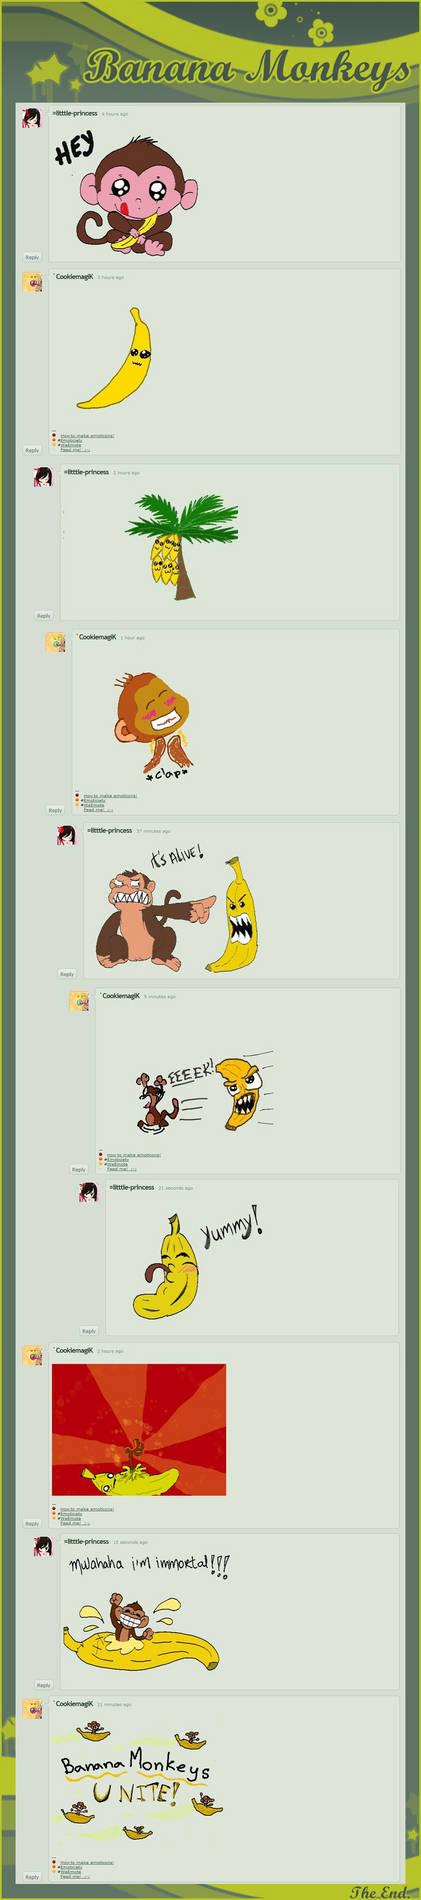 banana monkeys